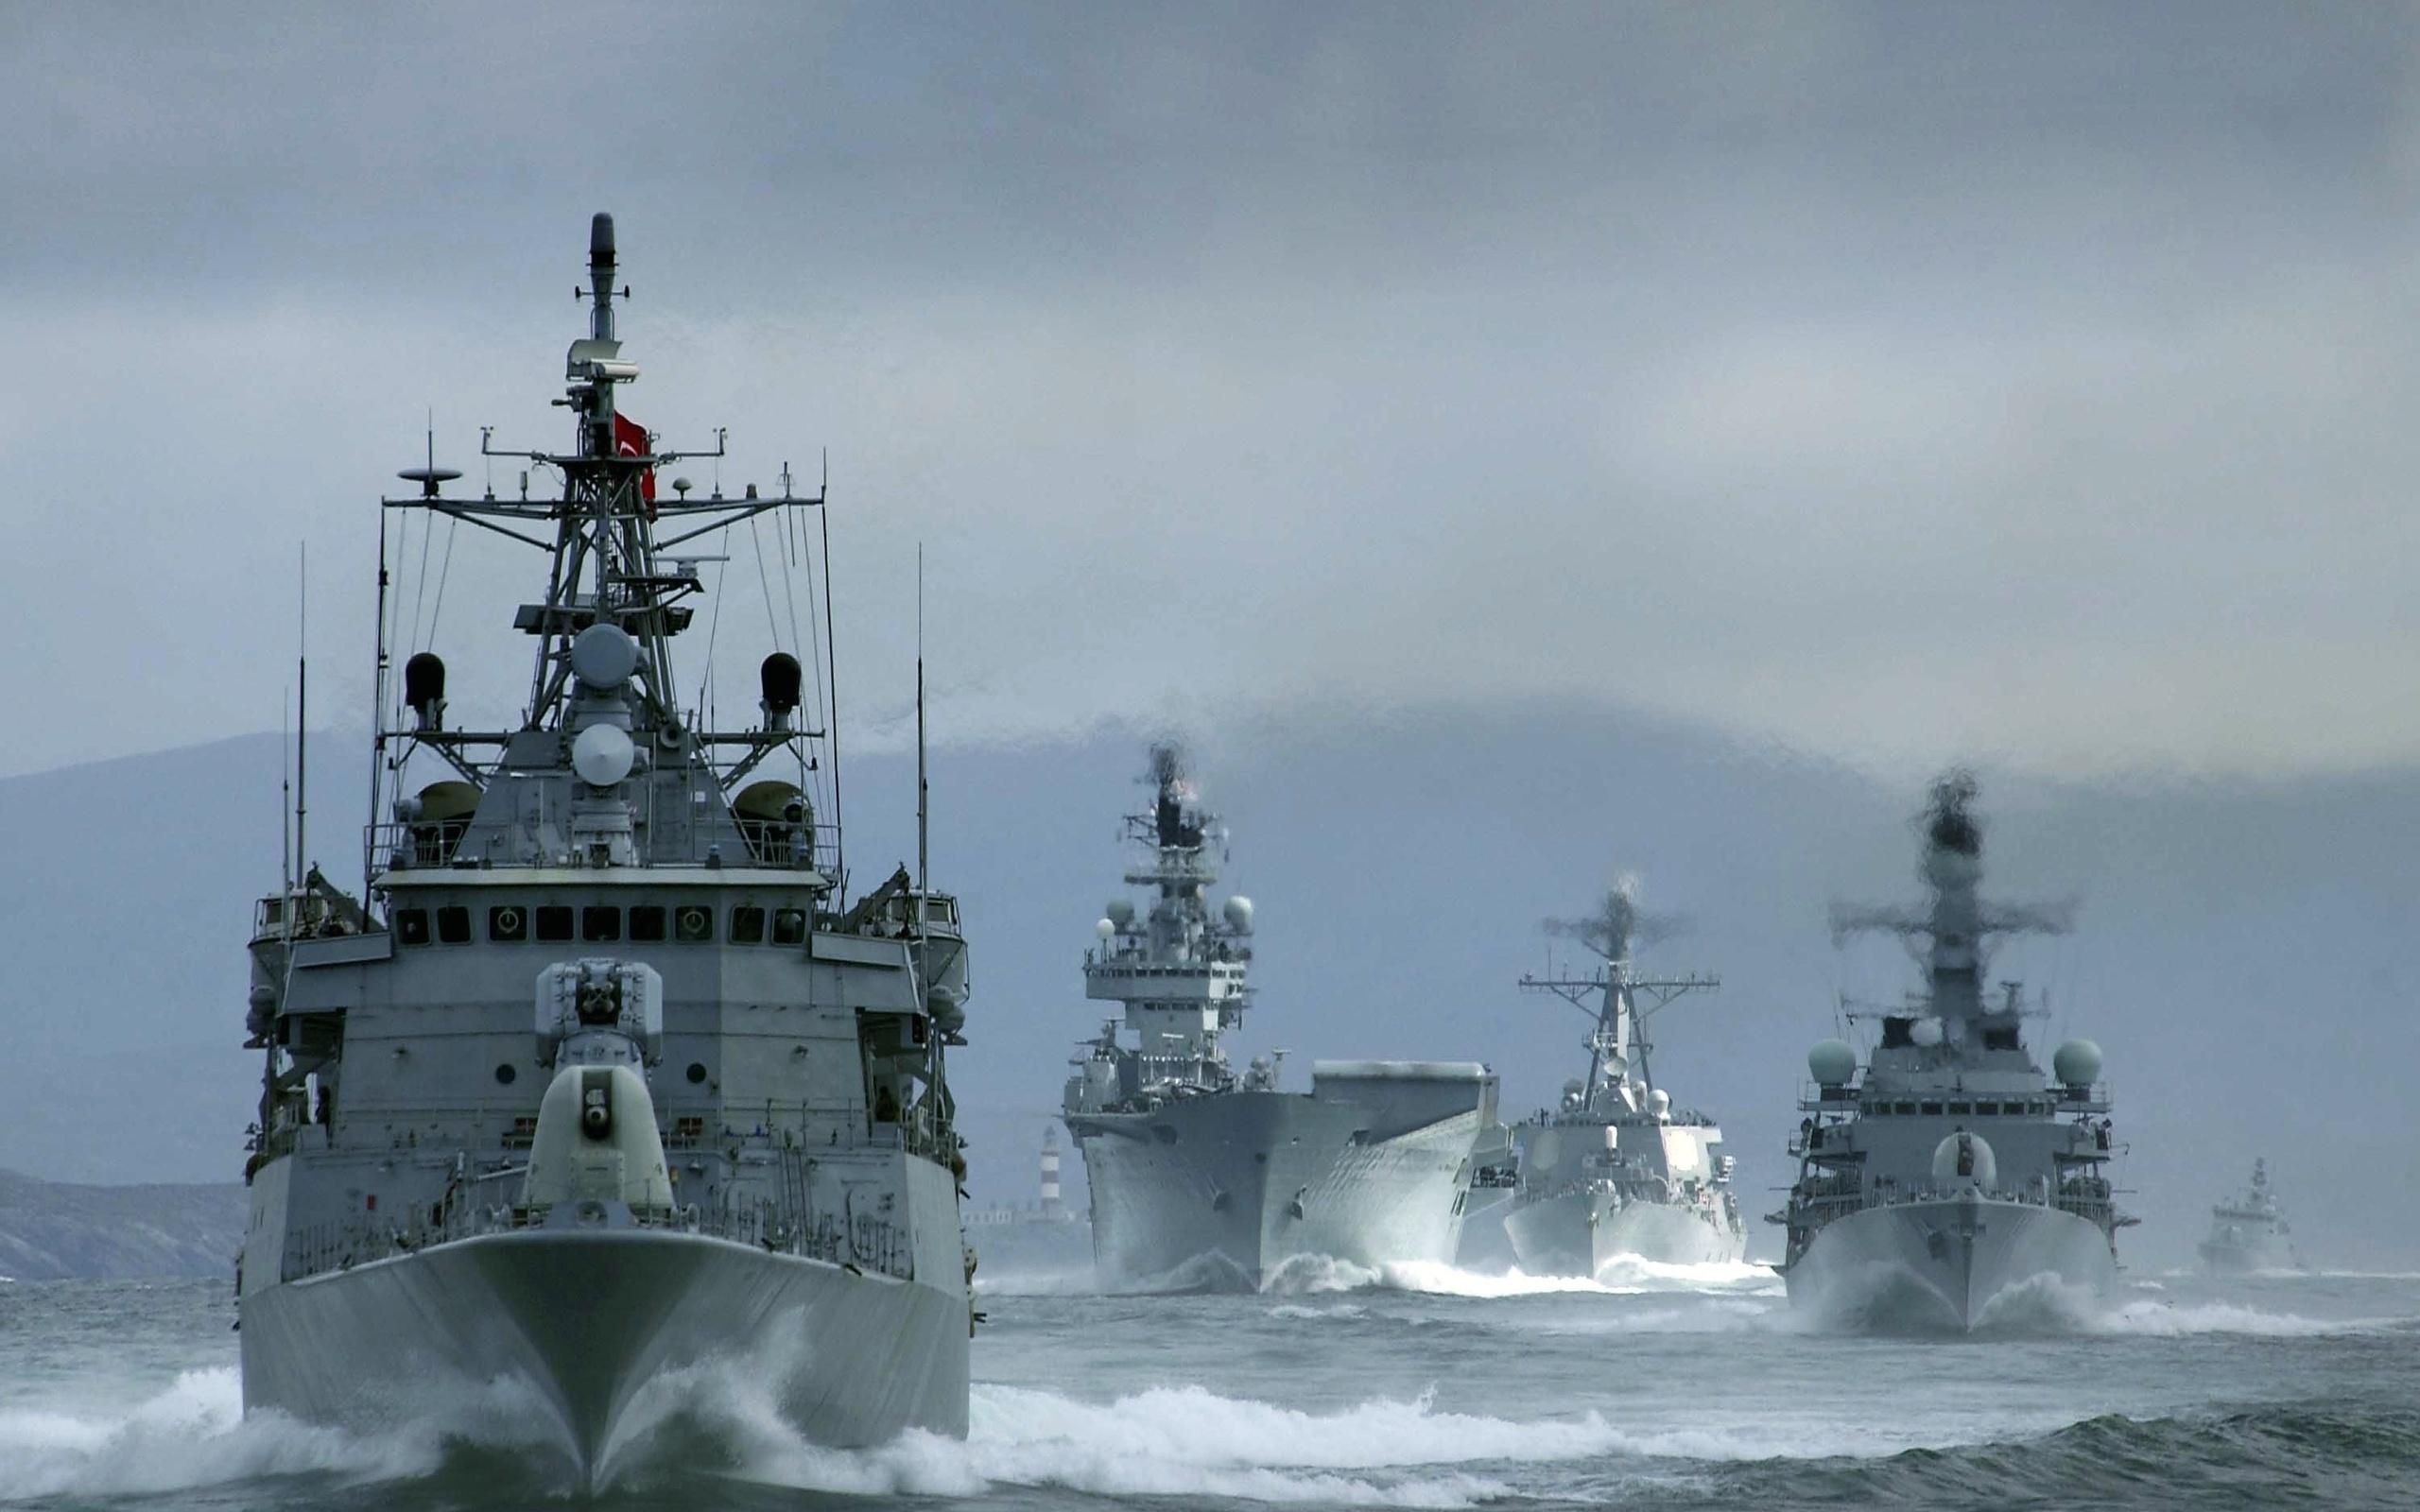 Картинки российской армии и флота, открытки